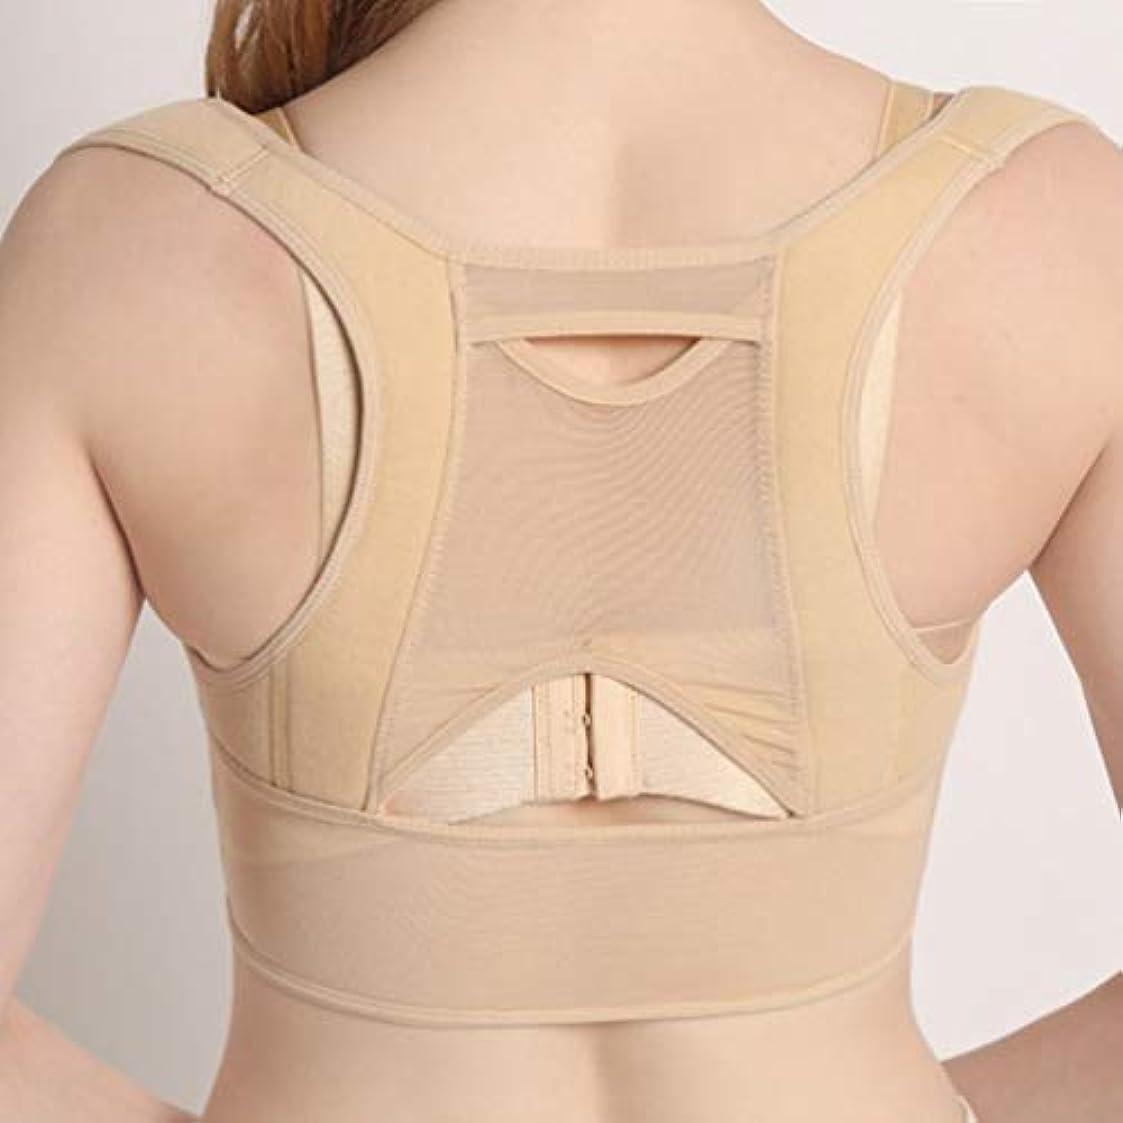 レンド溝飲み込む通気性のある女性の背中の姿勢矯正コルセット整形外科の肩の背骨の姿勢矯正腰椎サポート - ベージュホワイトM